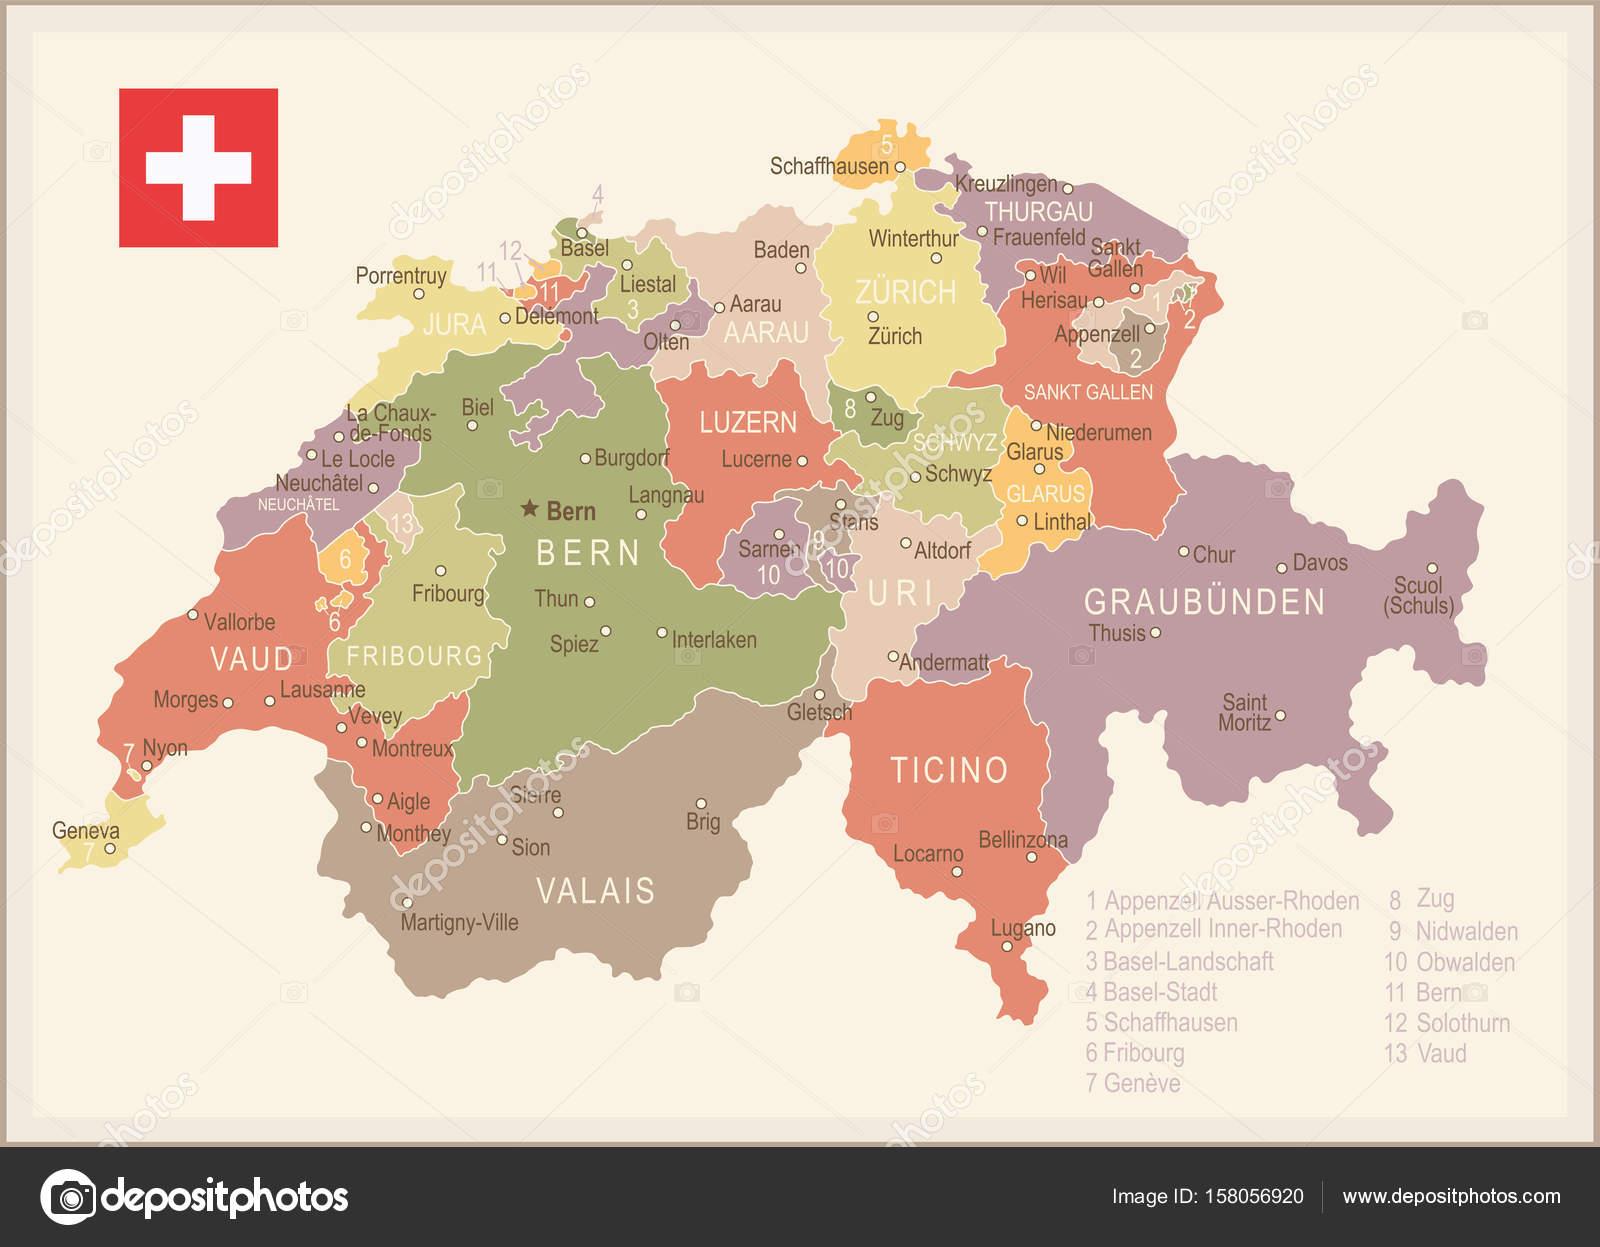 mapa da suiça Ilustração da Suíça   vintage mapa e bandeira  — Vetores de Stock  mapa da suiça